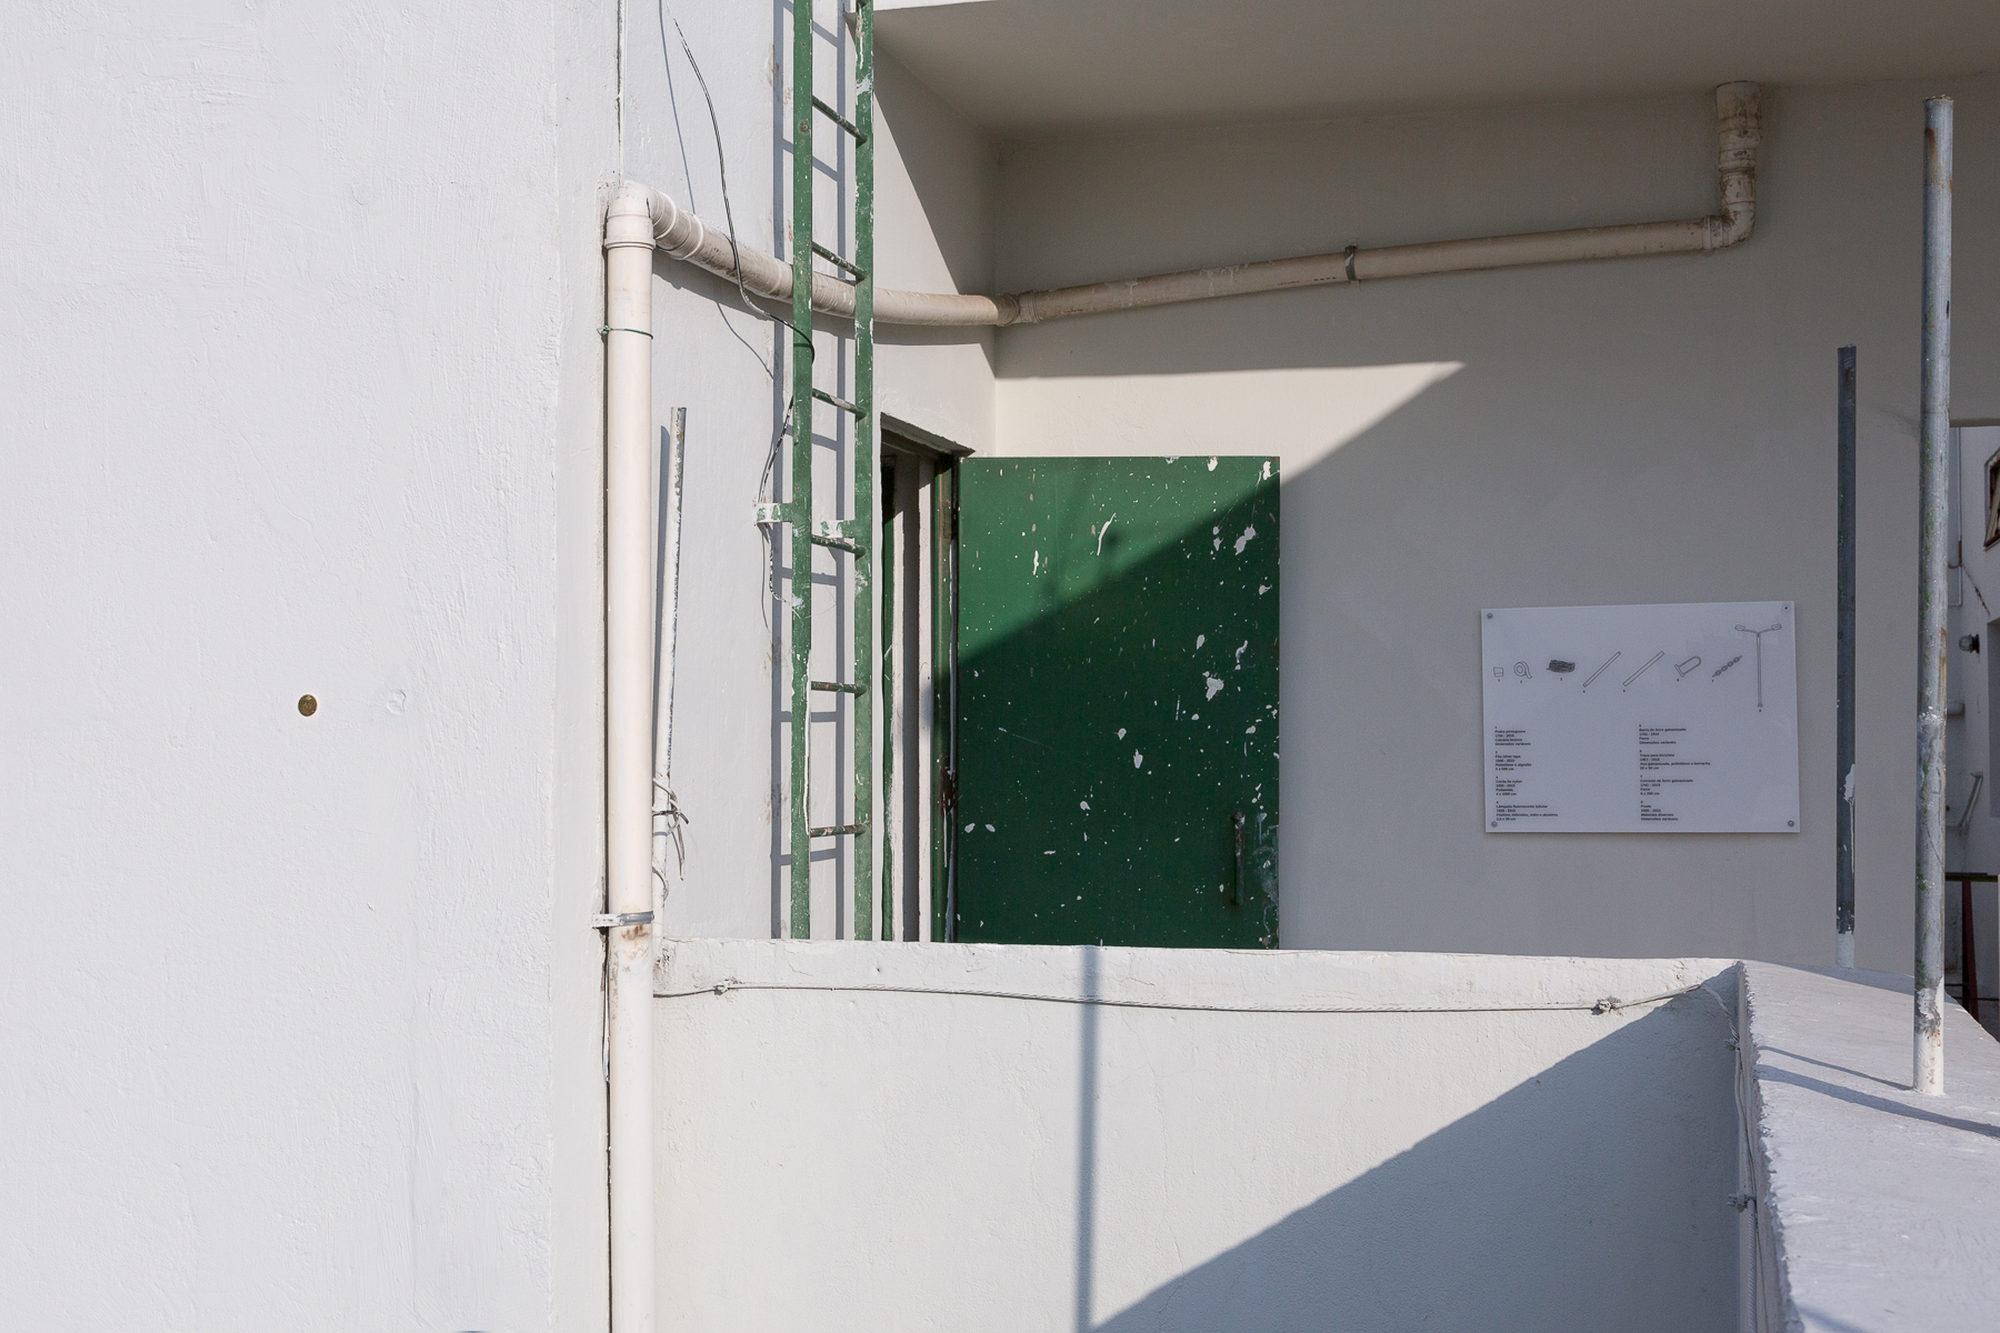 14 Observatório - Voragem da História - Vista da exposição